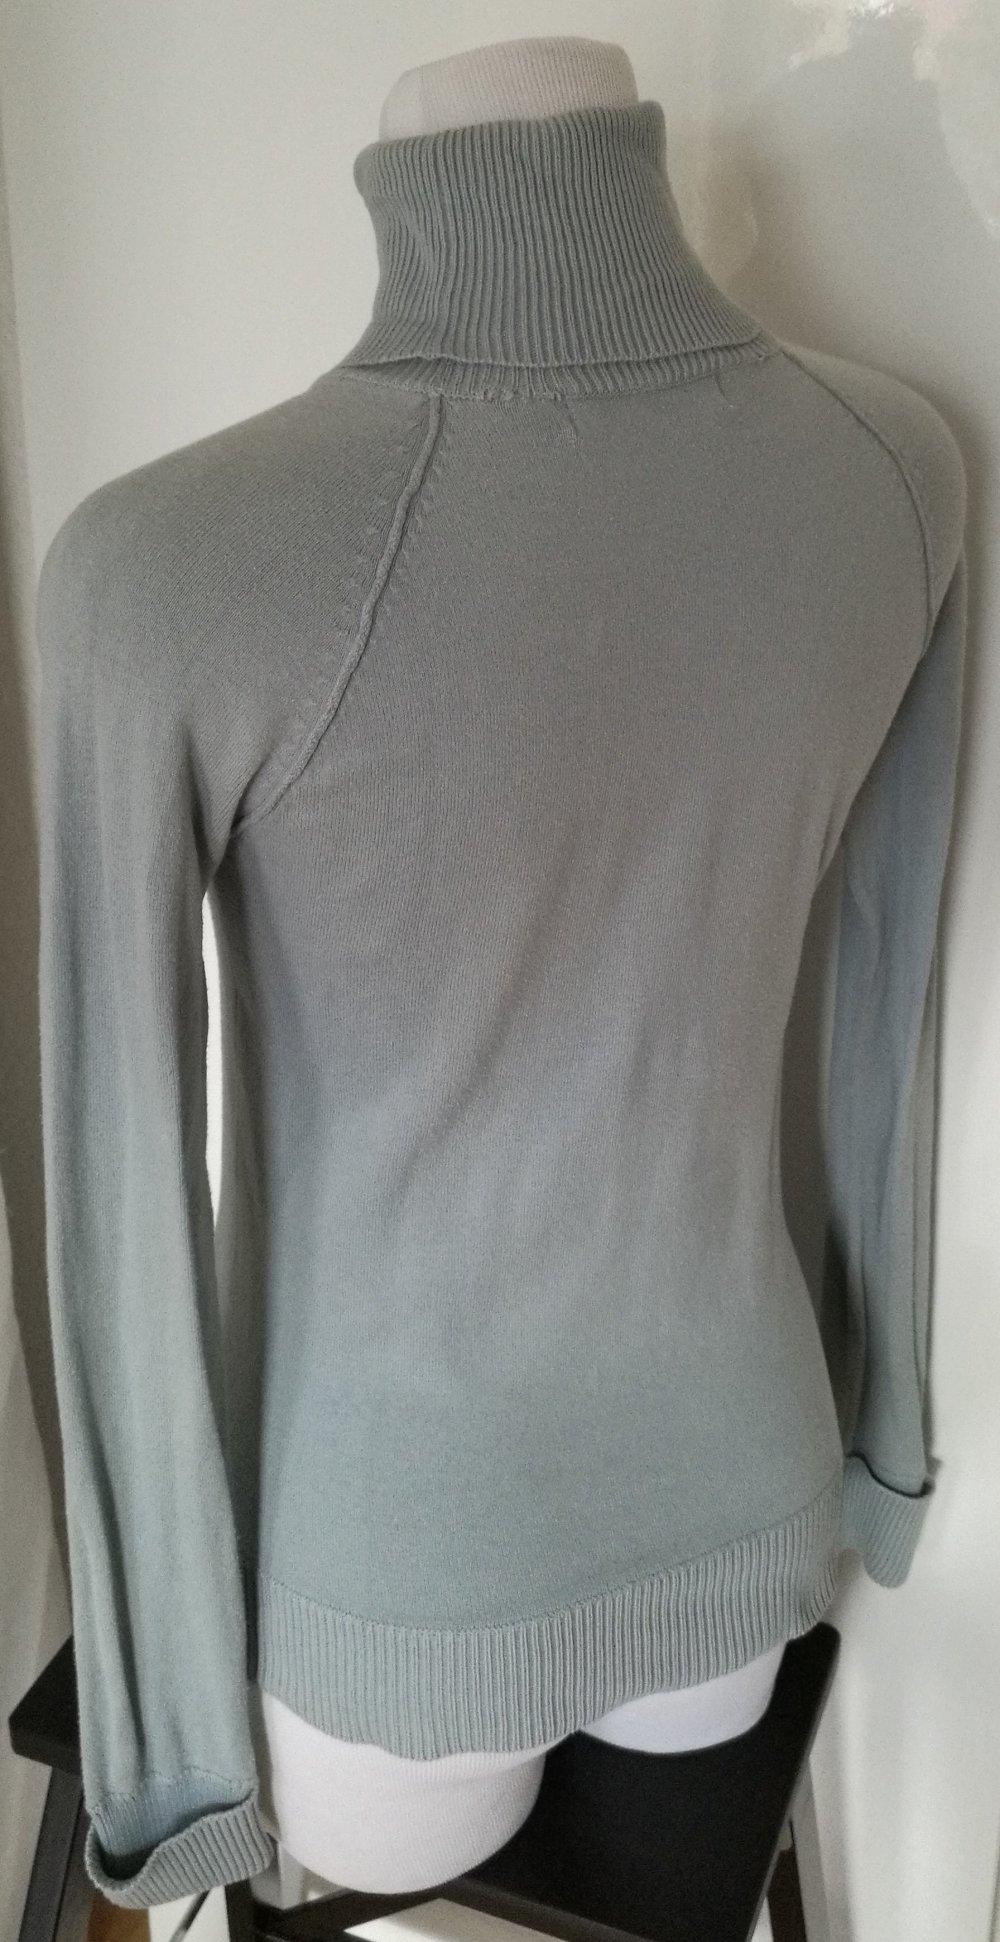 Rollkragen-Pullover von Zara, Gr. S, hellblau    Kleiderkorb.de 5e4e2fdc86